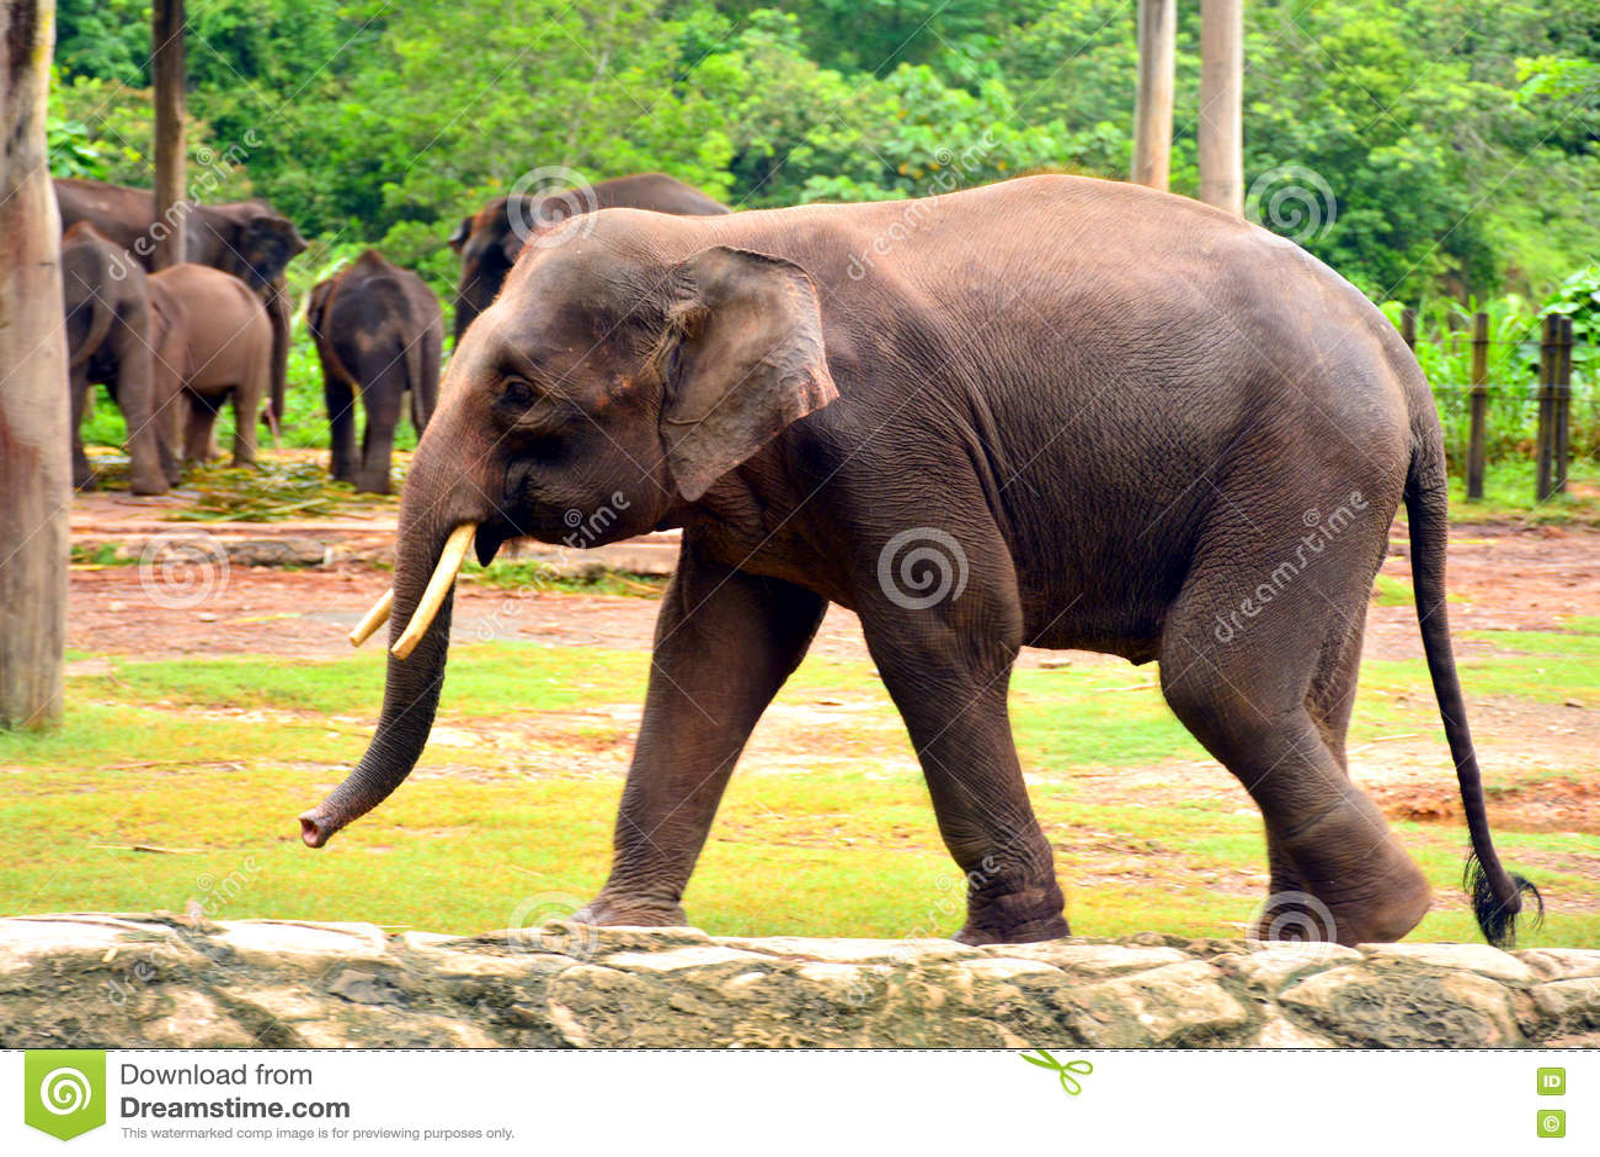 Borneo Elephant, Also Called The Borneo Pygmy Elephant Stock